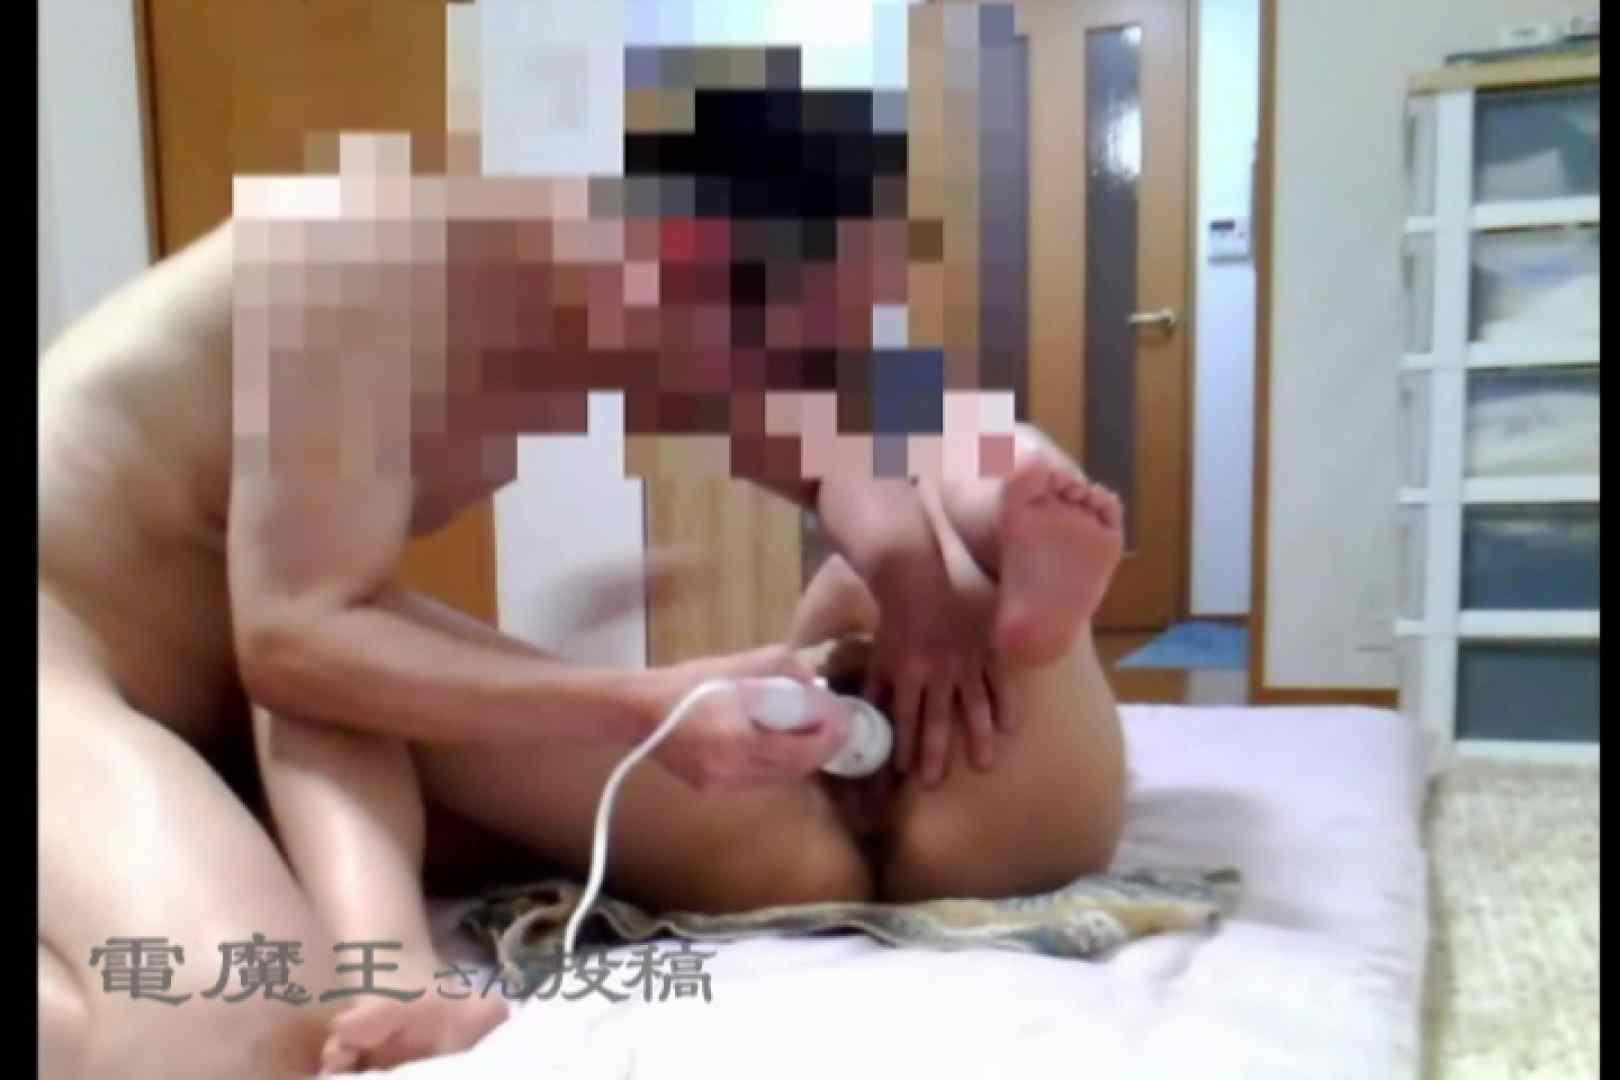 電魔王さんの「隠撮の部屋」リンカ 0  85pic 70